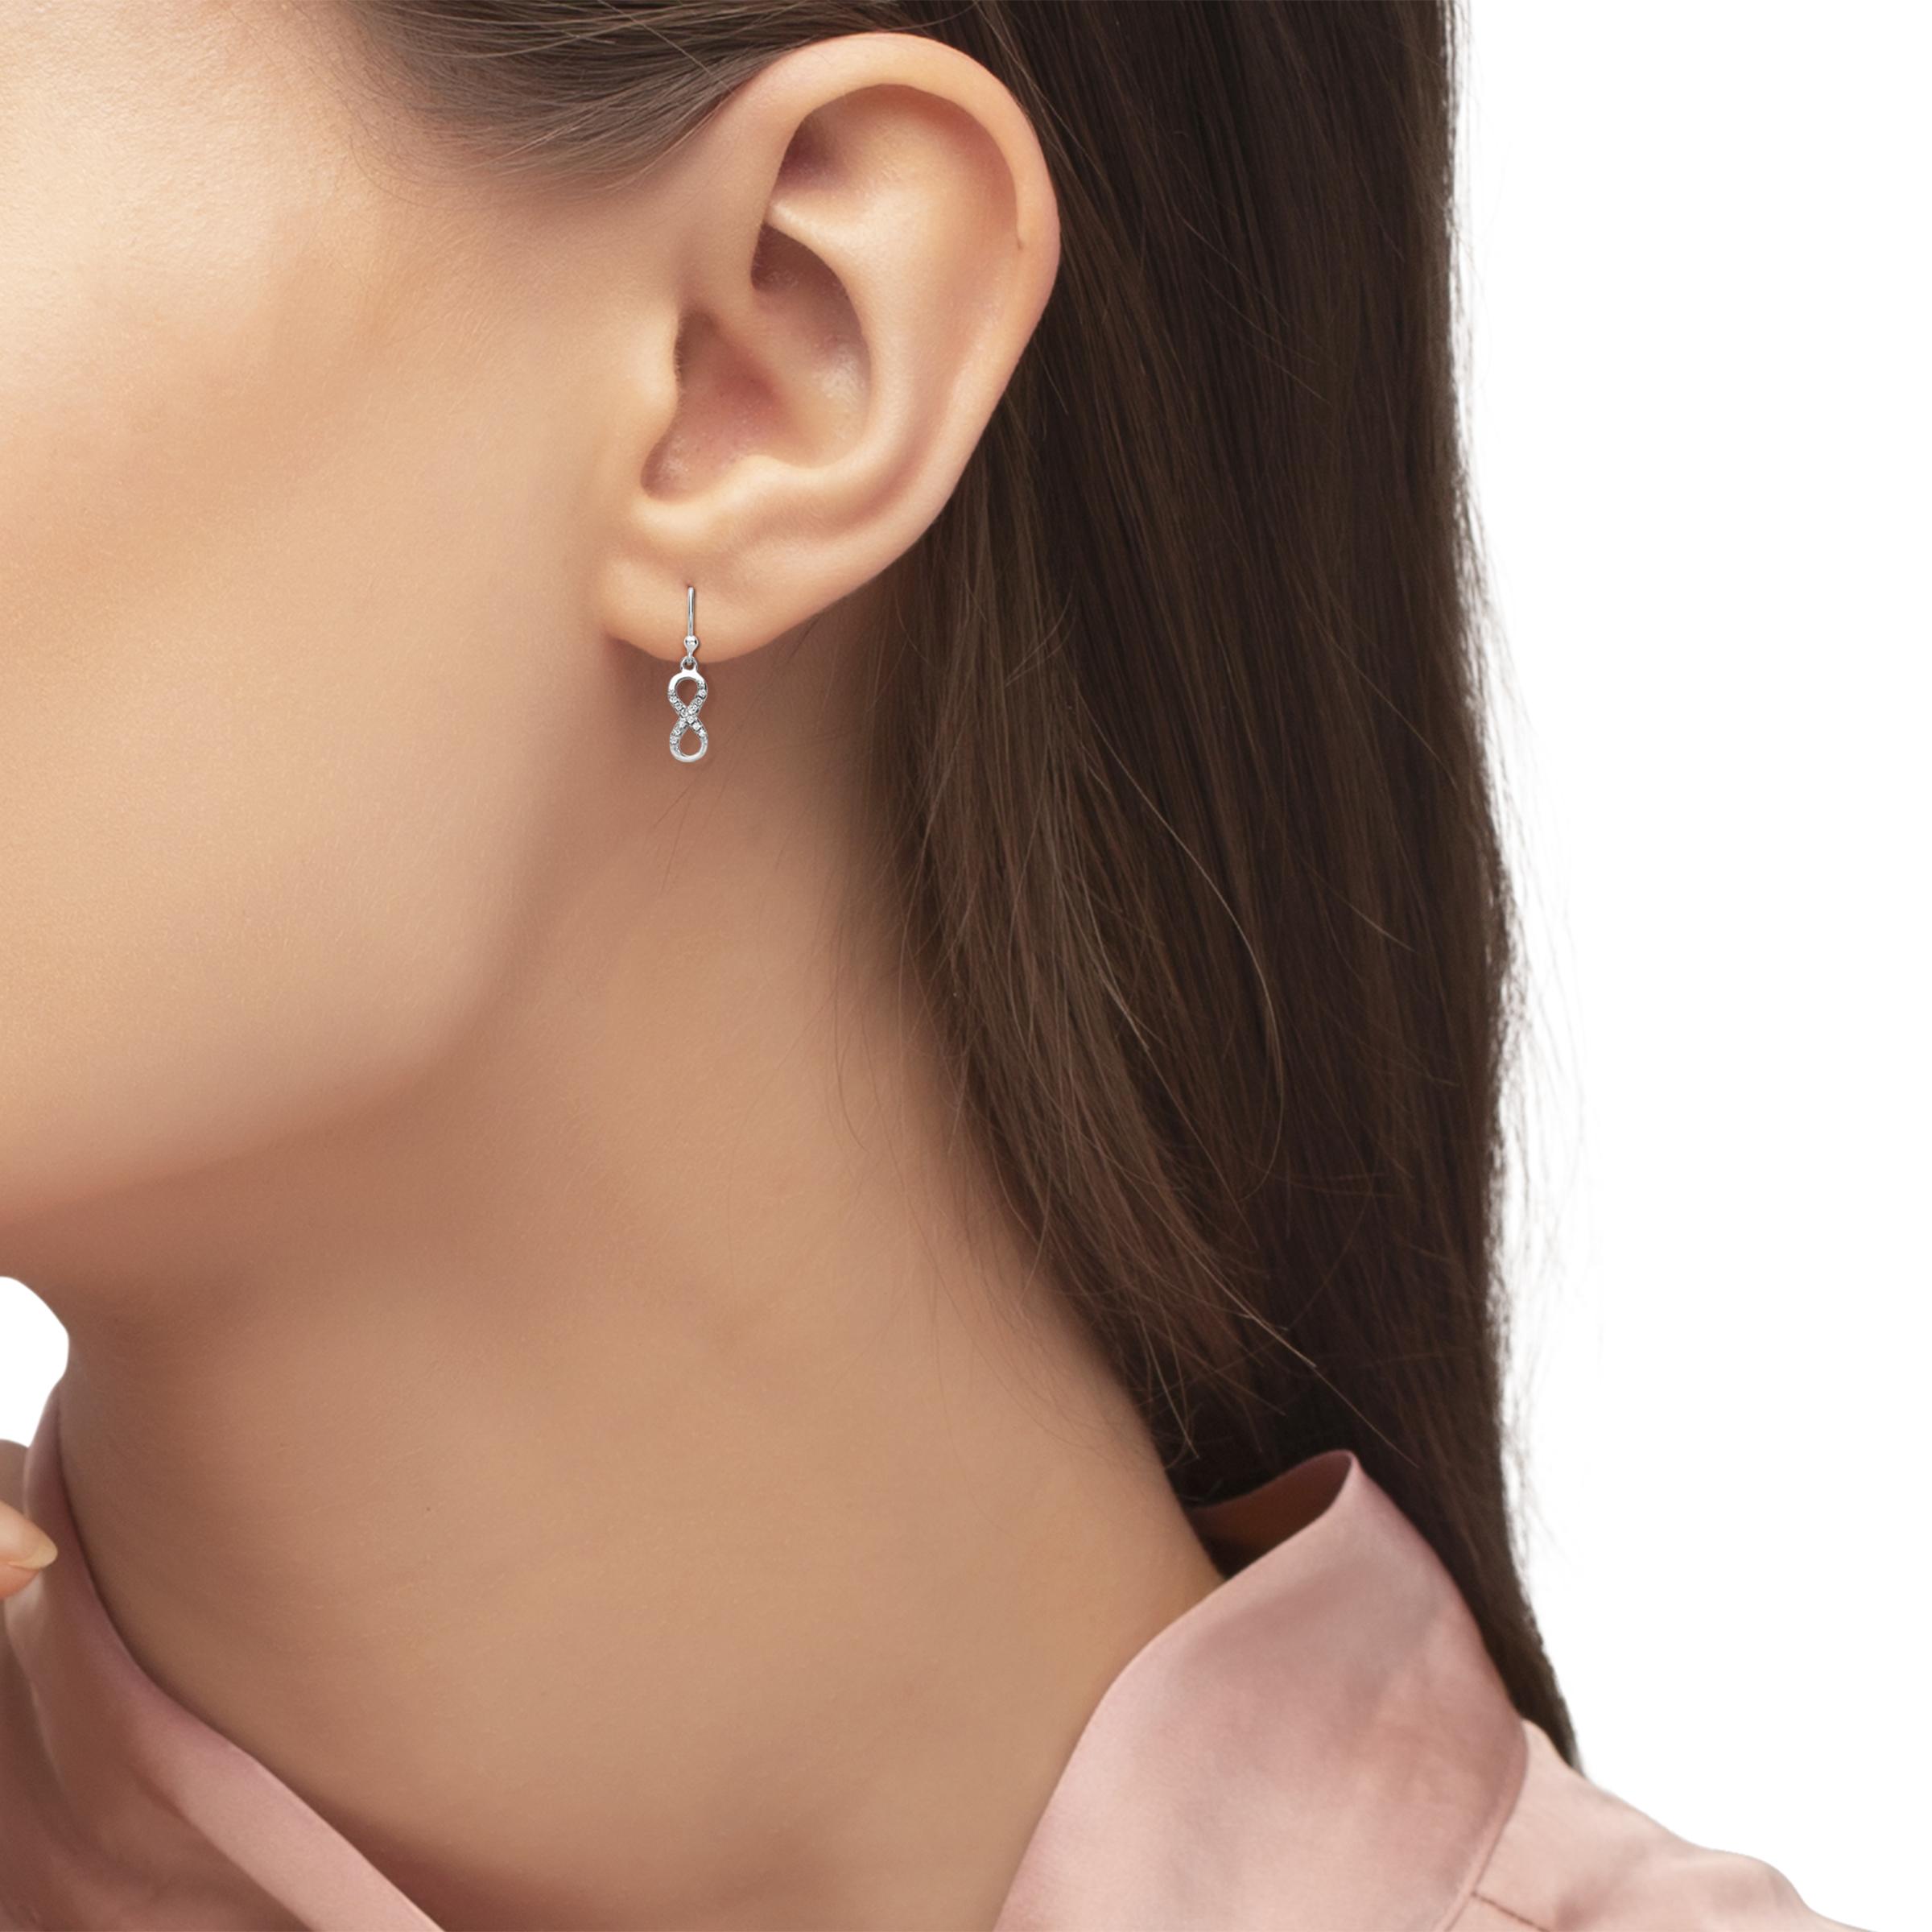 Ohrring für Damen Infinity Unendlichkeitszeichen 925 Sterling Silber rhodiniert Zirkonia weiß